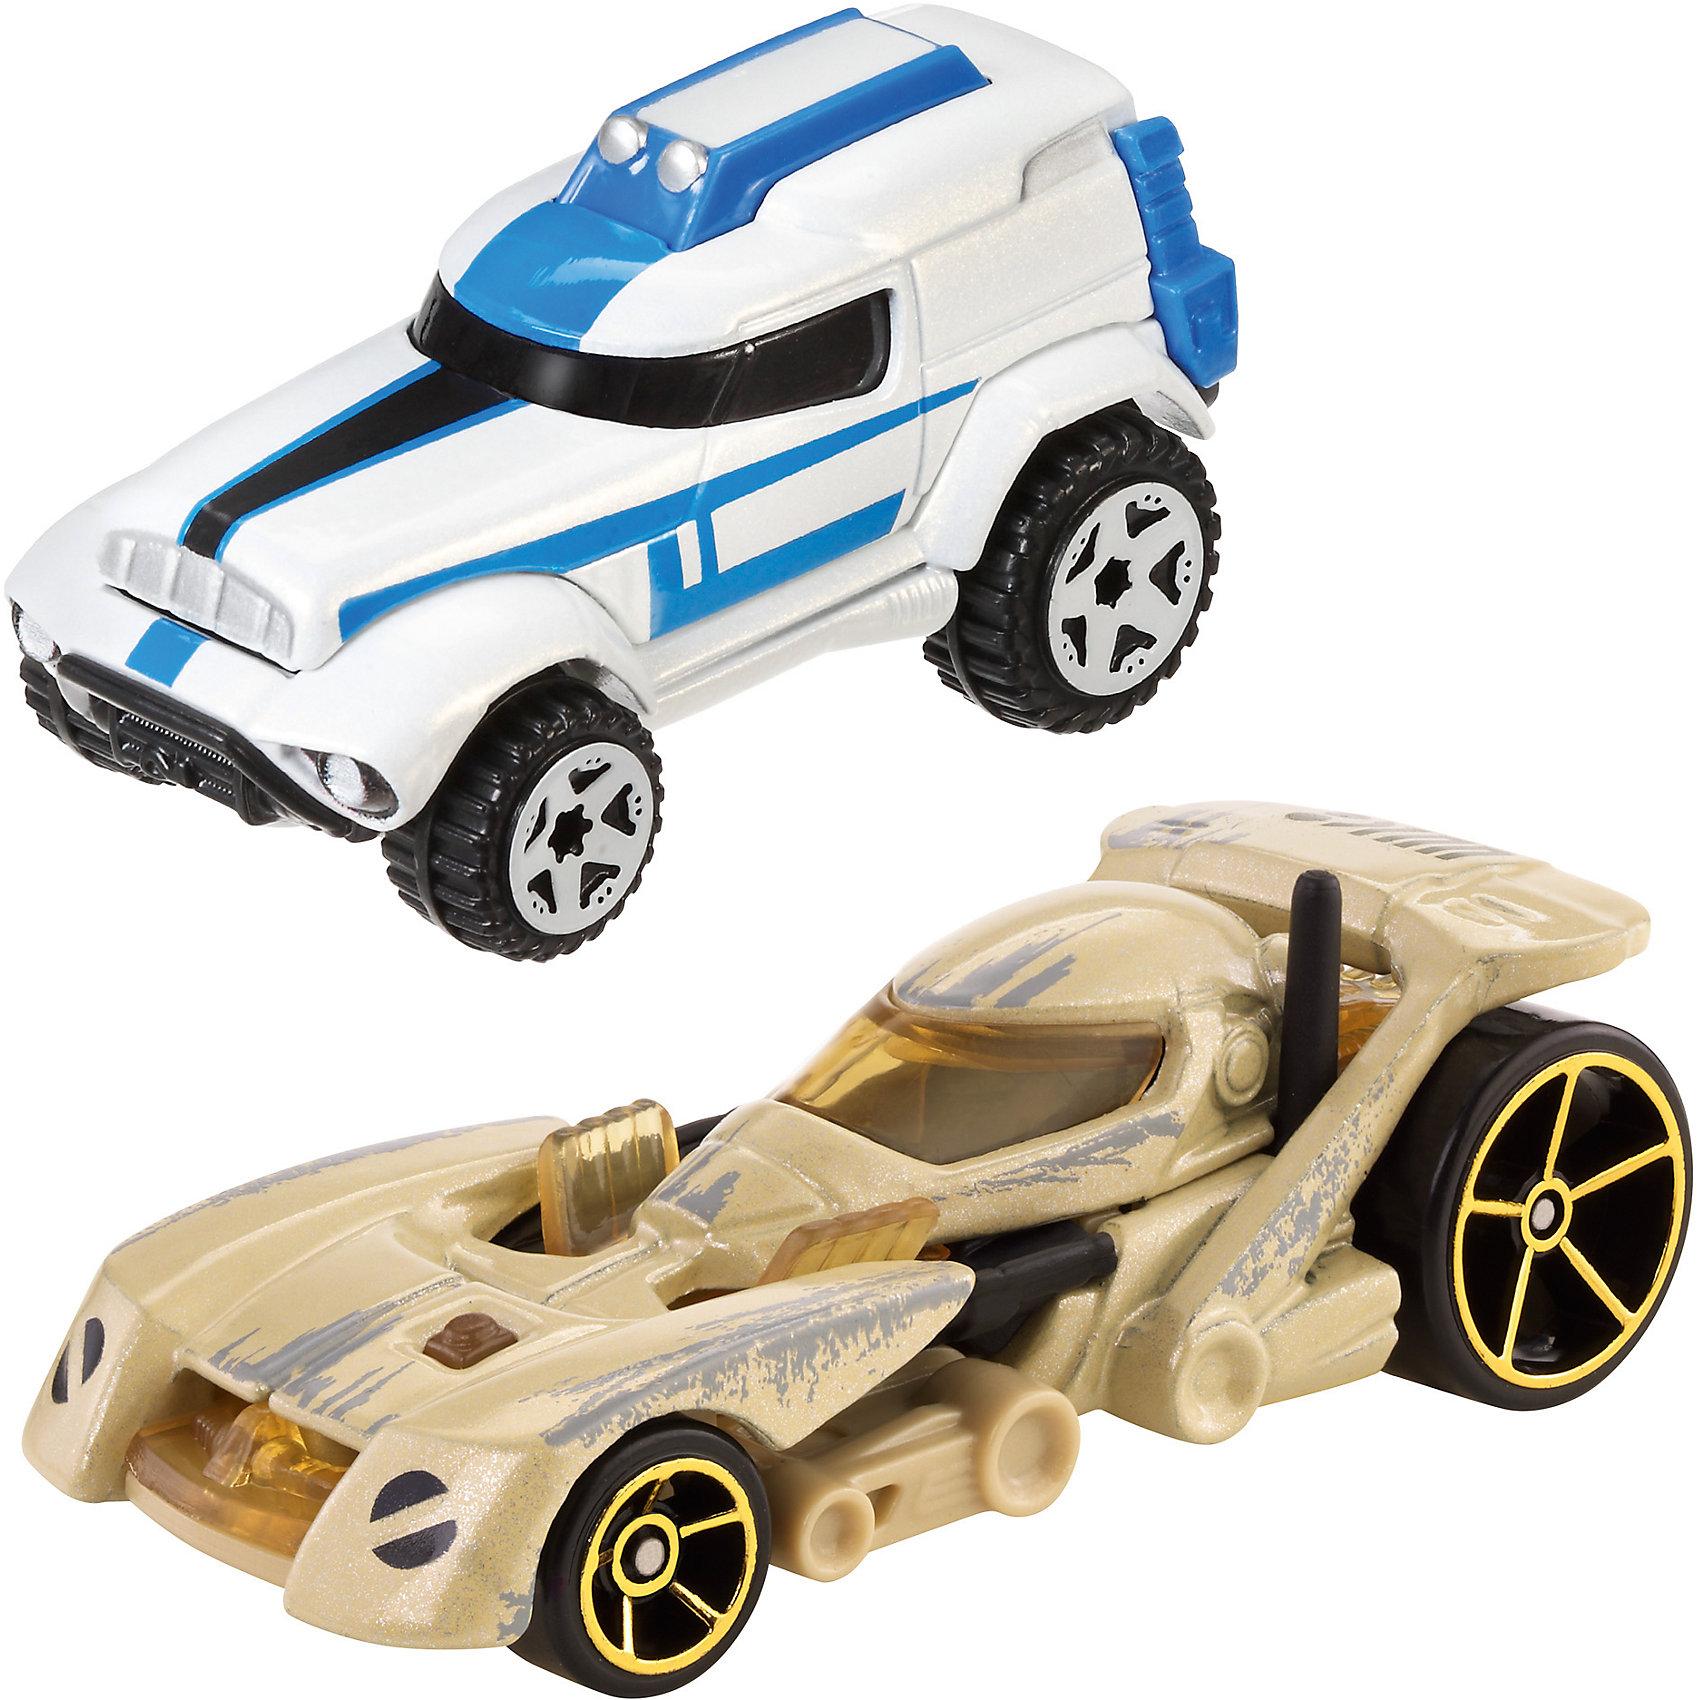 Набор из 2-х машинок Звездные войны, Hot WheelsМашинки<br>Базовые машинки Star Wars, Hot Wheels (Хот Вилс) – этот набор порадует юного автолюбителя и поклонника межгалактических приключений. В этом наборе от Хот Вилс любимые миллионами персонажи «Звездных войн» робот C-3PO и астродроид R2D2 предстают в виде машинок. Несмотря на то, что их внешний вид в фильмах нисколько не походил на машины, каждый персонаж прекрасно узнаваем по цветам и характерным деталям, которые перешли от героев в дизайн автомобилей. Машинки понравятся поклонникам всех возрастов: соберите полную коллекцию и устраивайте гонки по всей галактике!  <br><br>Дополнительная информация:  <br>- В комплекте: 2 машины <br>- Масштаб: 1:64 <br>- Материал: пластик, металл <br>- Упаковка: блистер на картоне <br>- Размер упаковки: 20,3 x 6,4 x 16,5 см.  <br><br>Базовые машинки Star Wars, Hot Wheels (Хот Вилс) можно купить в нашем интернет-магазине.<br><br>Ширина мм: 201<br>Глубина мм: 164<br>Высота мм: 67<br>Вес г: 130<br>Возраст от месяцев: 36<br>Возраст до месяцев: 72<br>Пол: Мужской<br>Возраст: Детский<br>SKU: 4744613